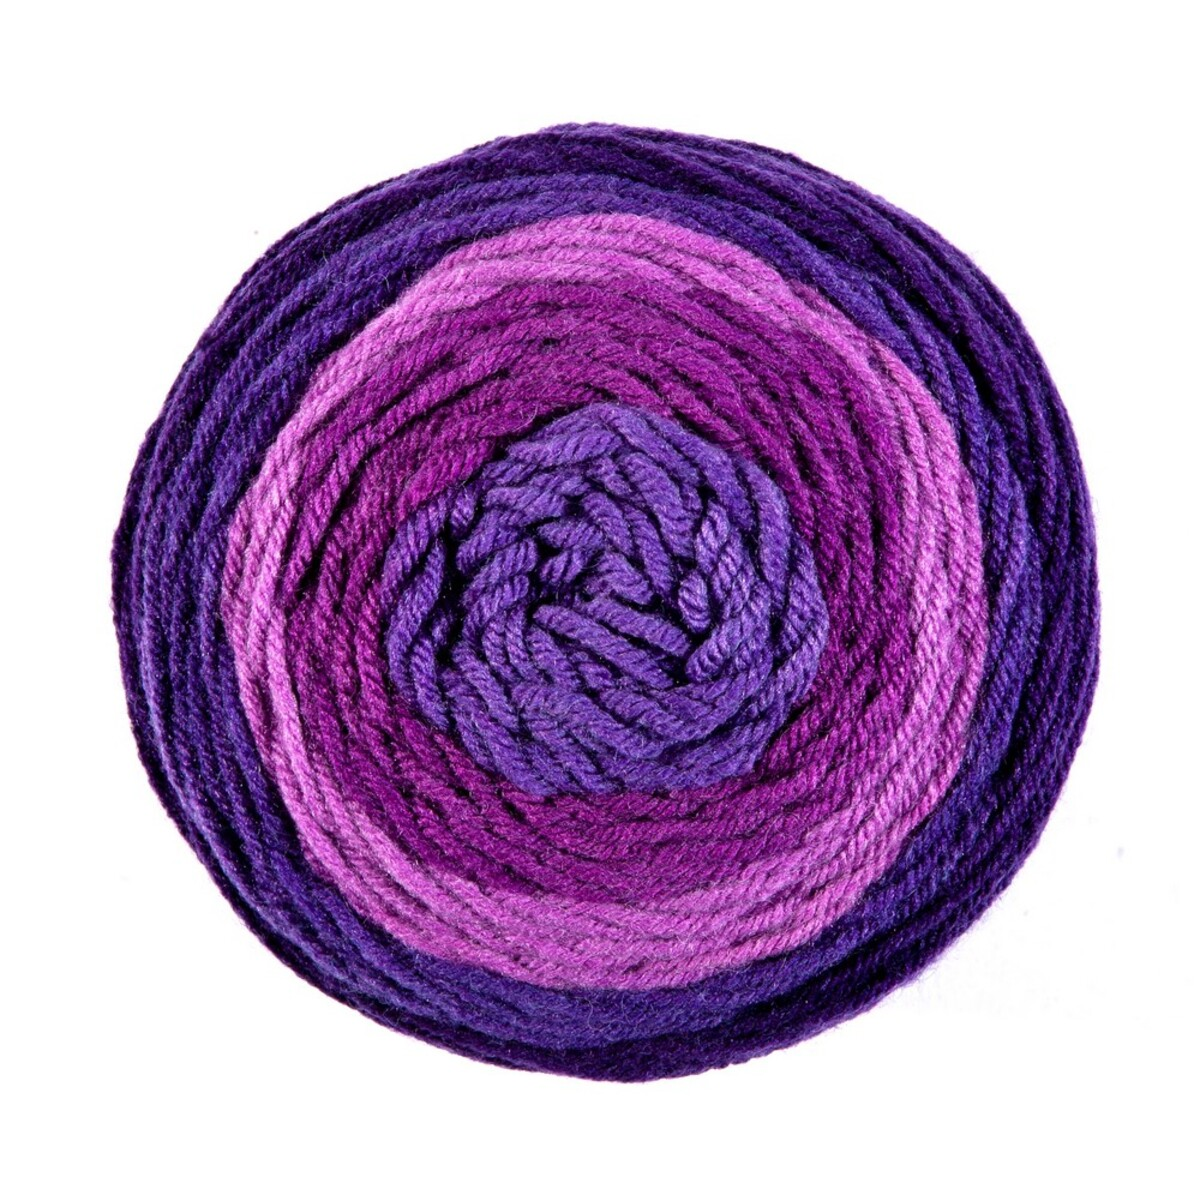 """Bild 1 von Ellenor Effektgarn """"Swirl Creation"""" - Beere/Lila/Blau"""